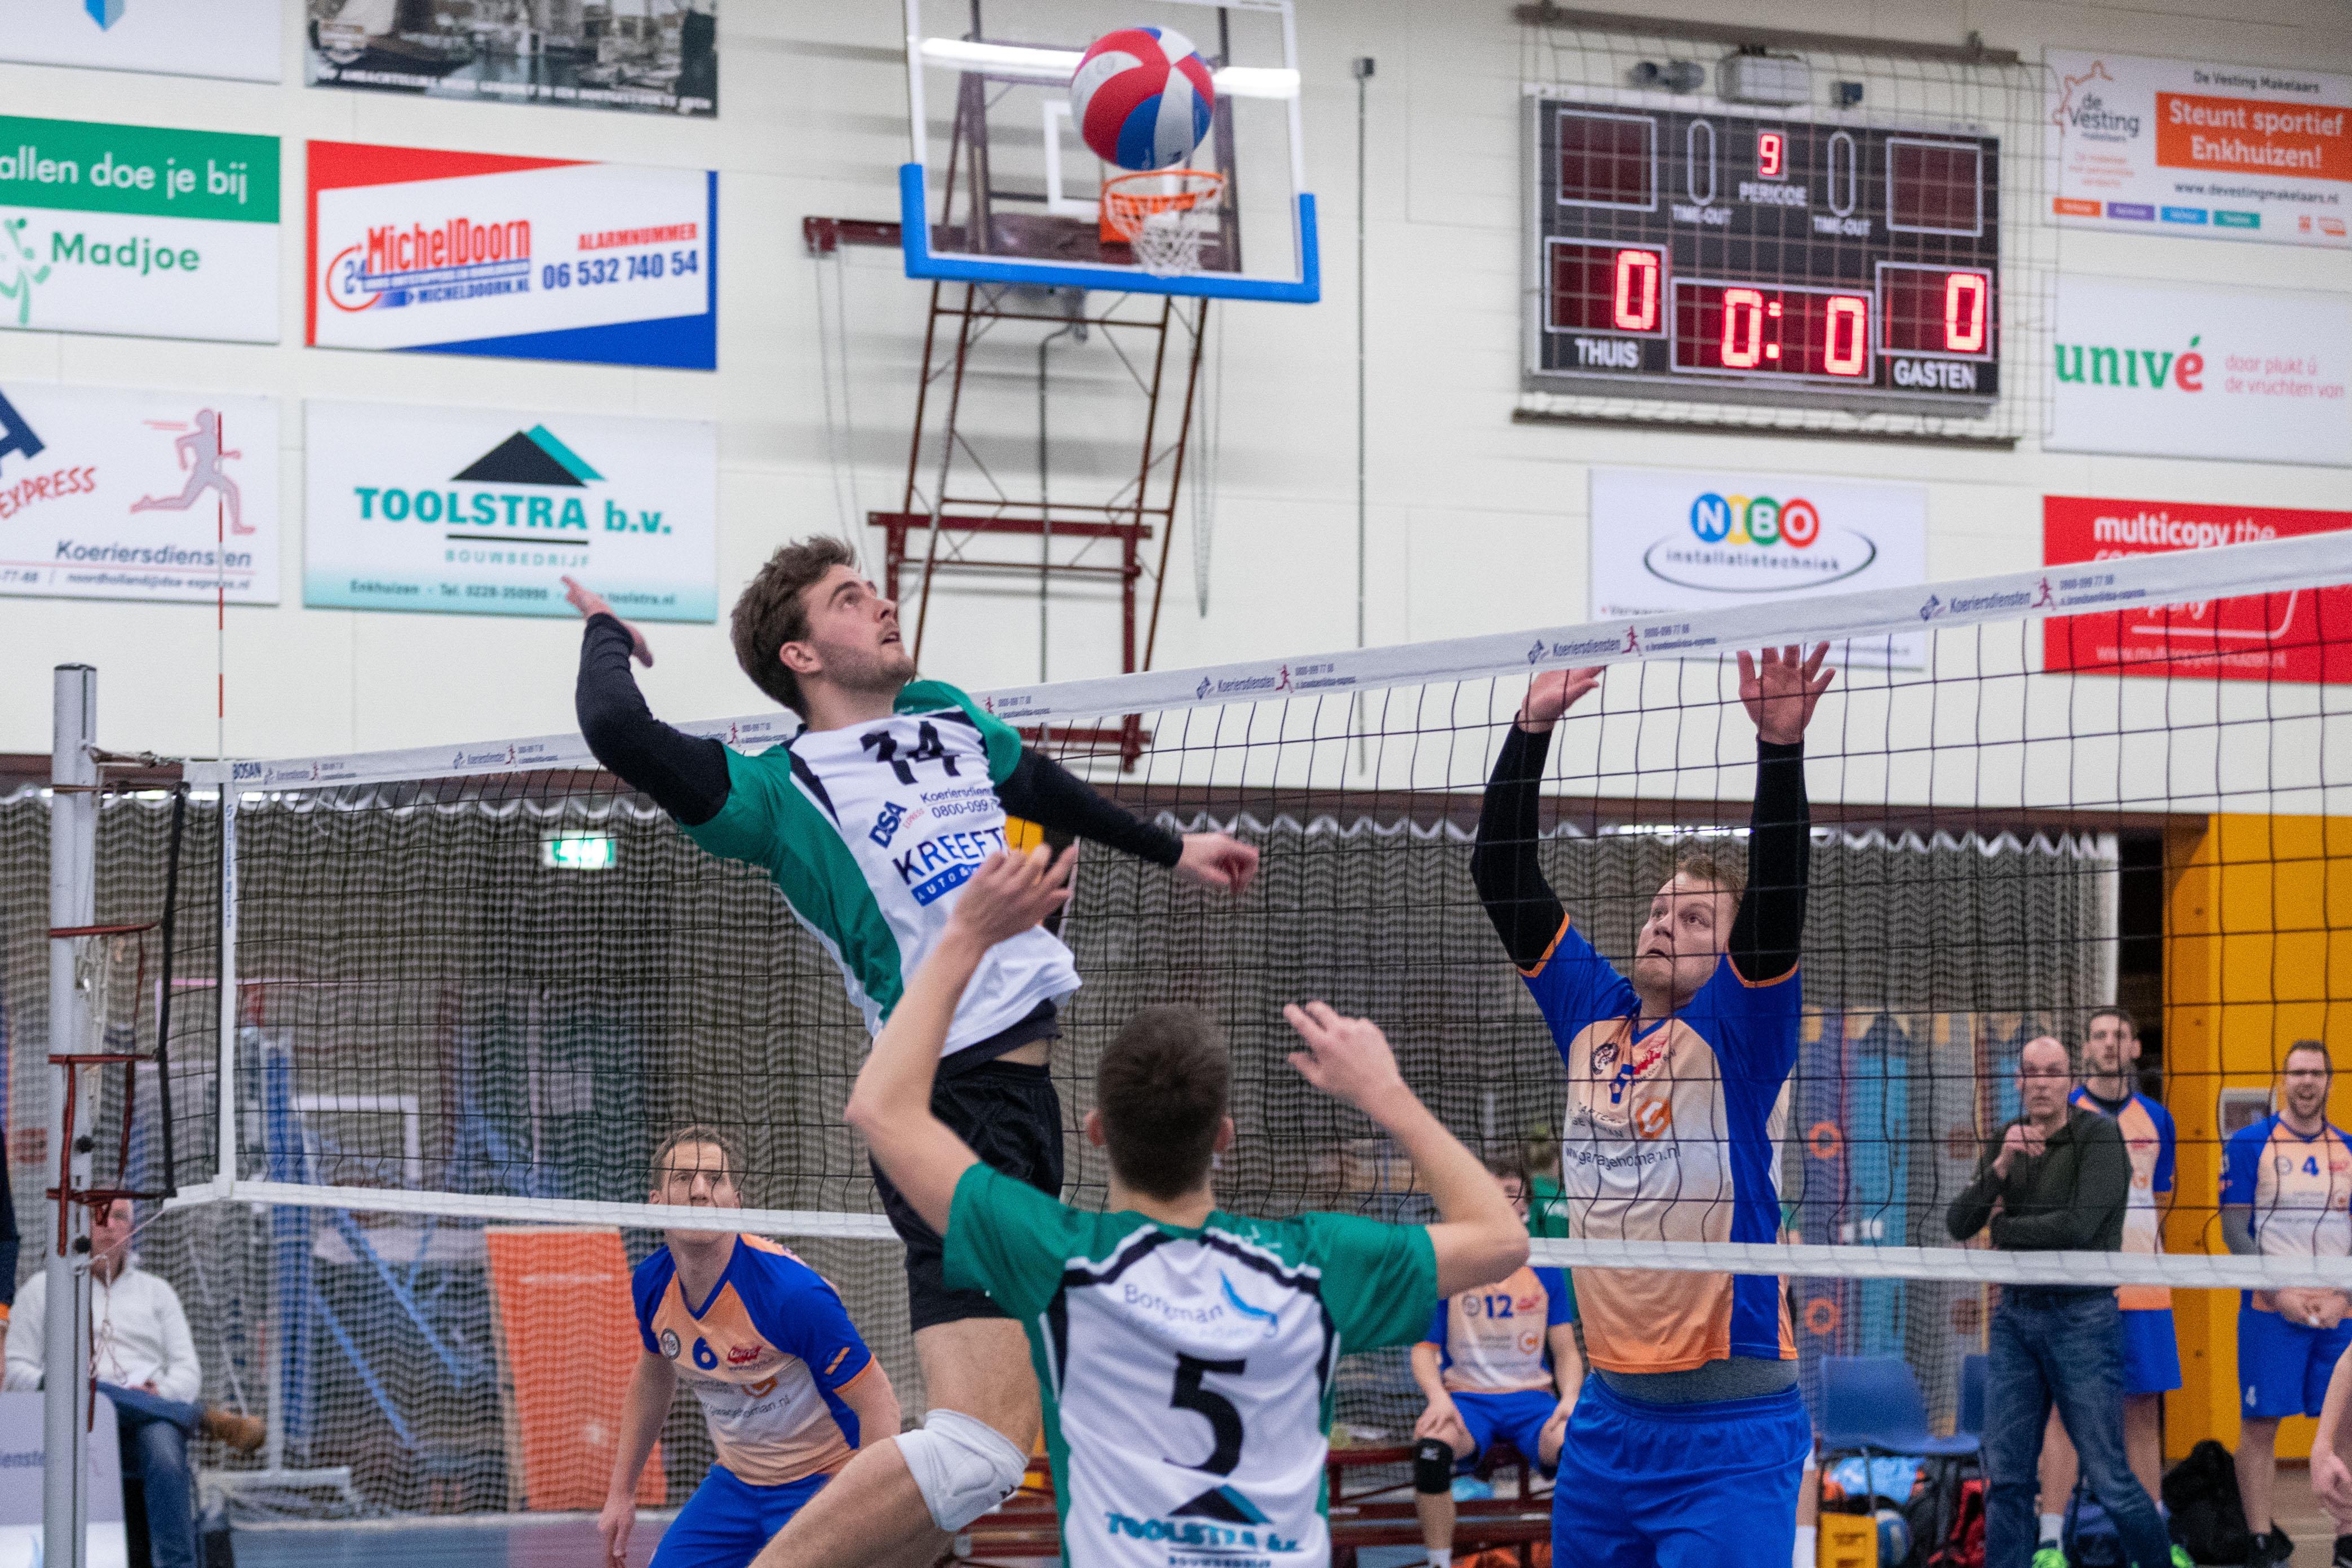 Volleyballers Madjoe vrezen door coronavirus naast de titel én promotie te grijpen, ondanks straatlengte voorsprong van elf punten